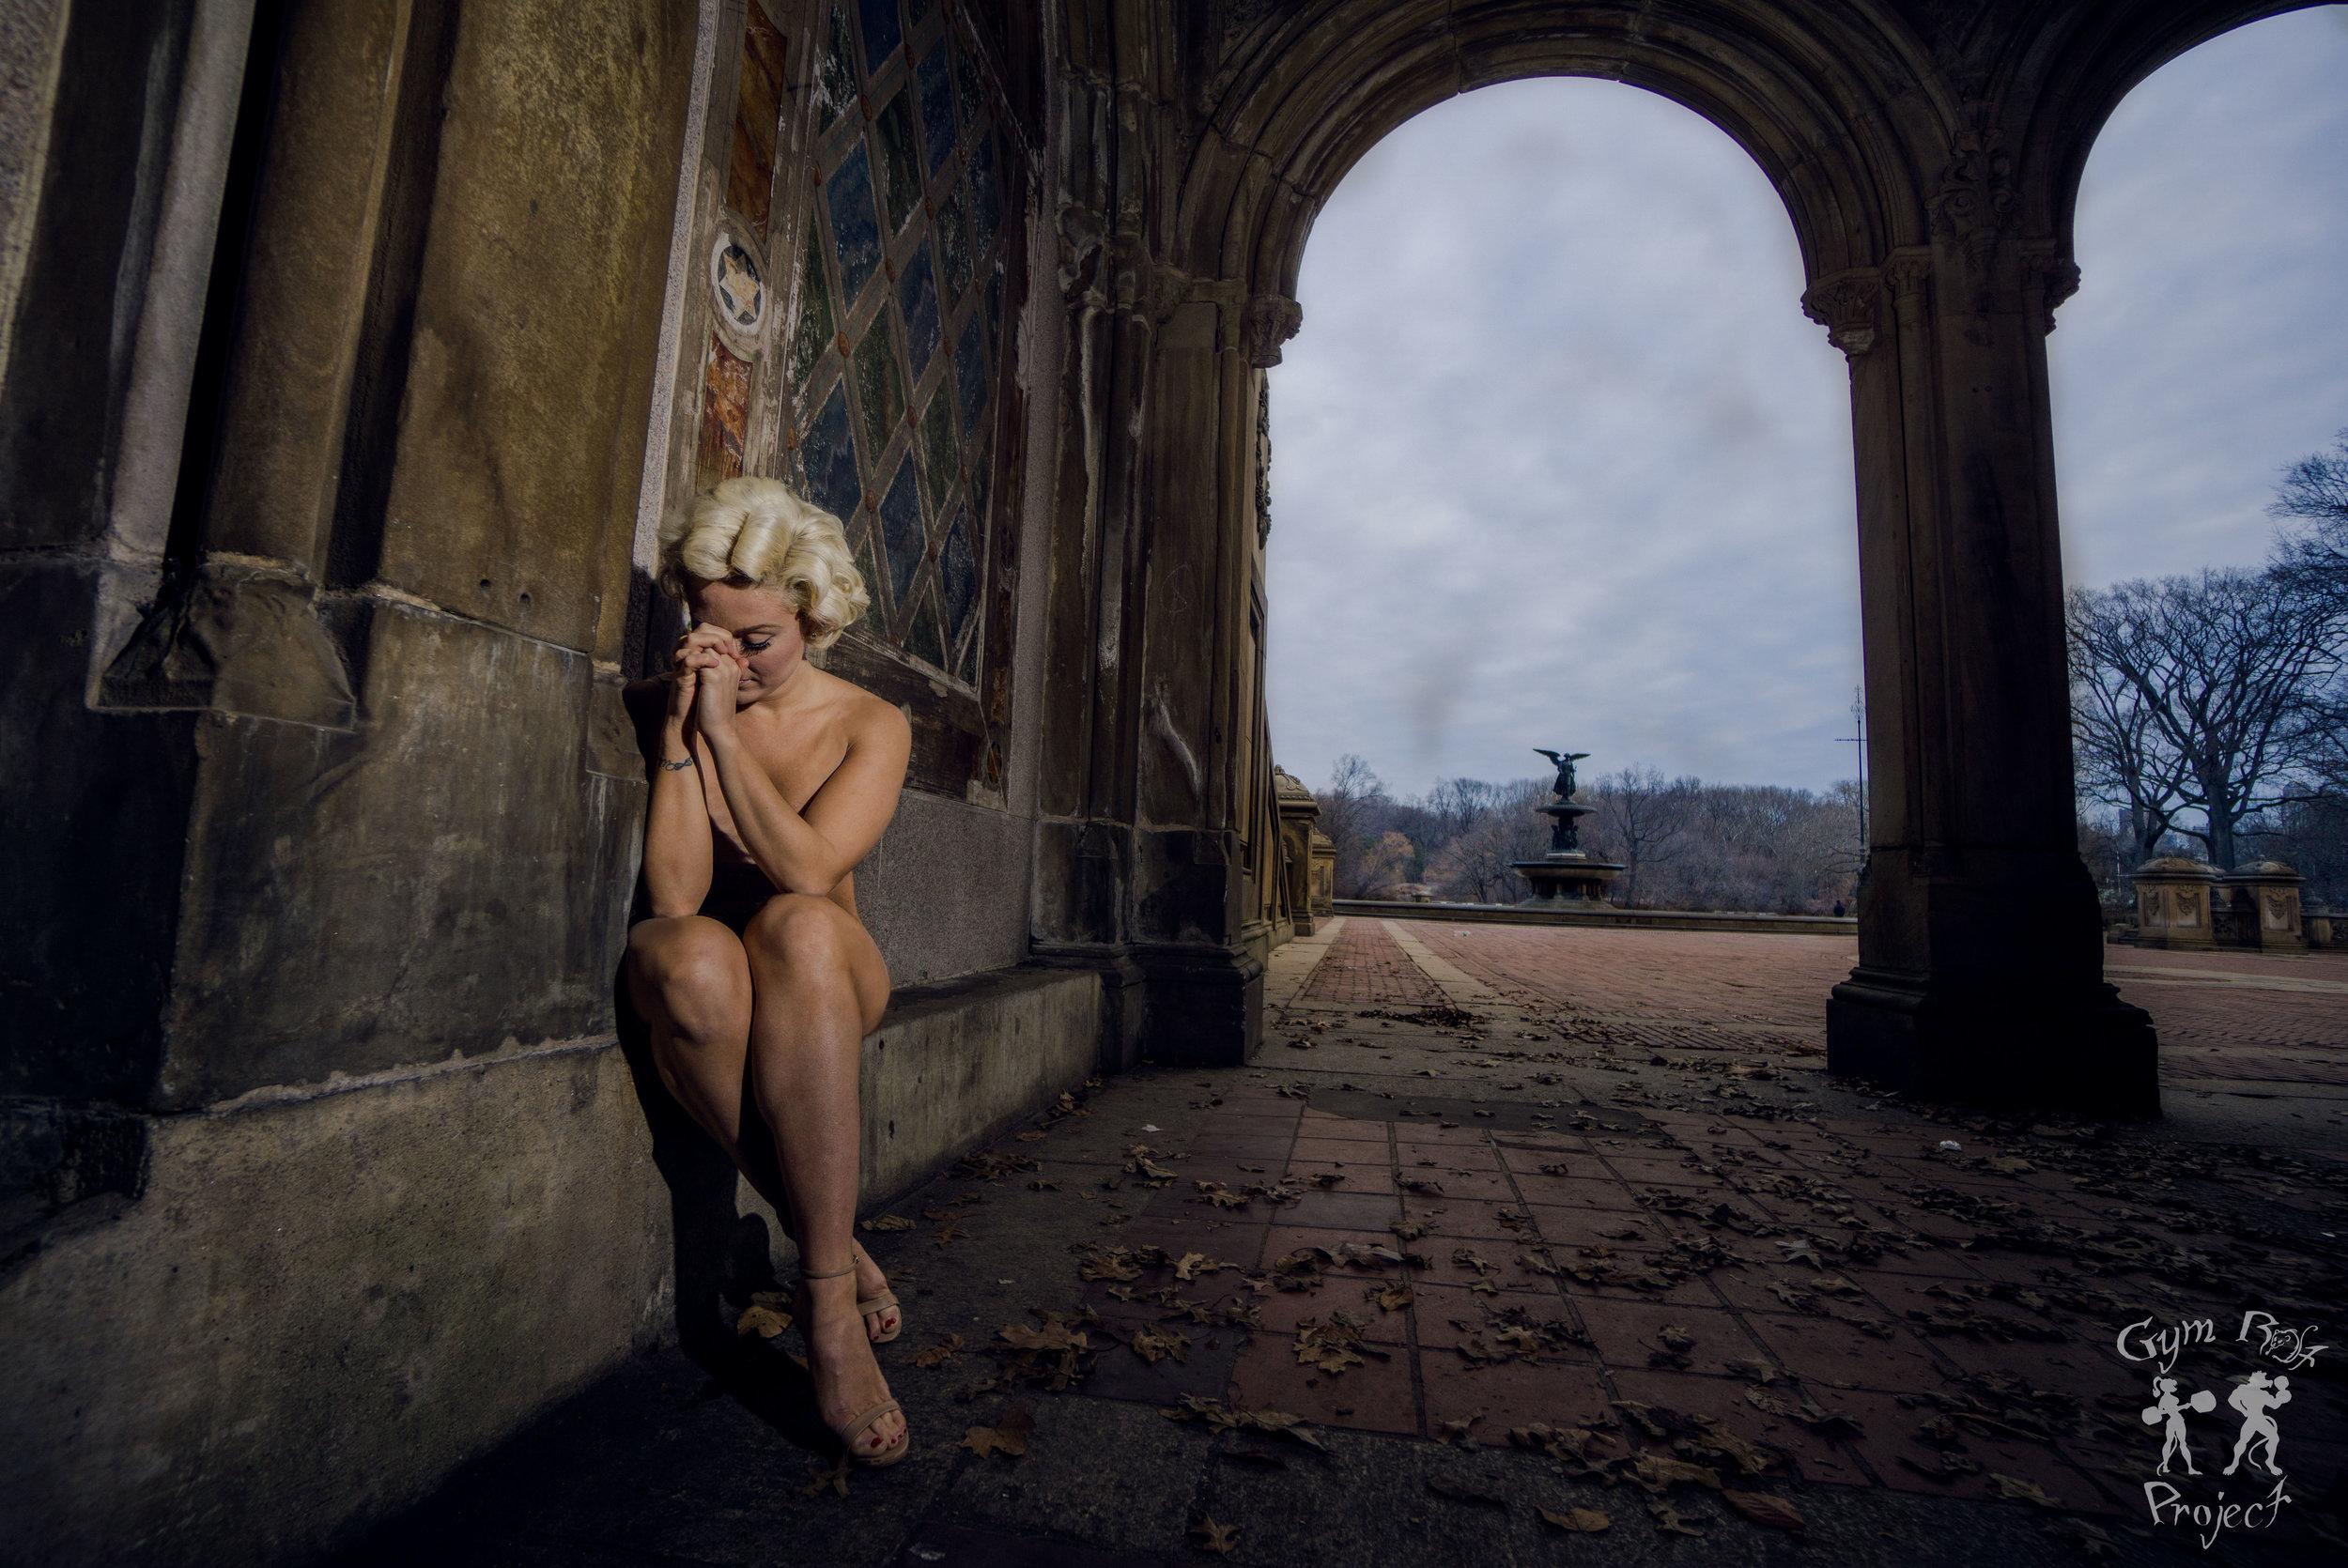 Vicky-good-photography-gymratproject-olivia1.jpg